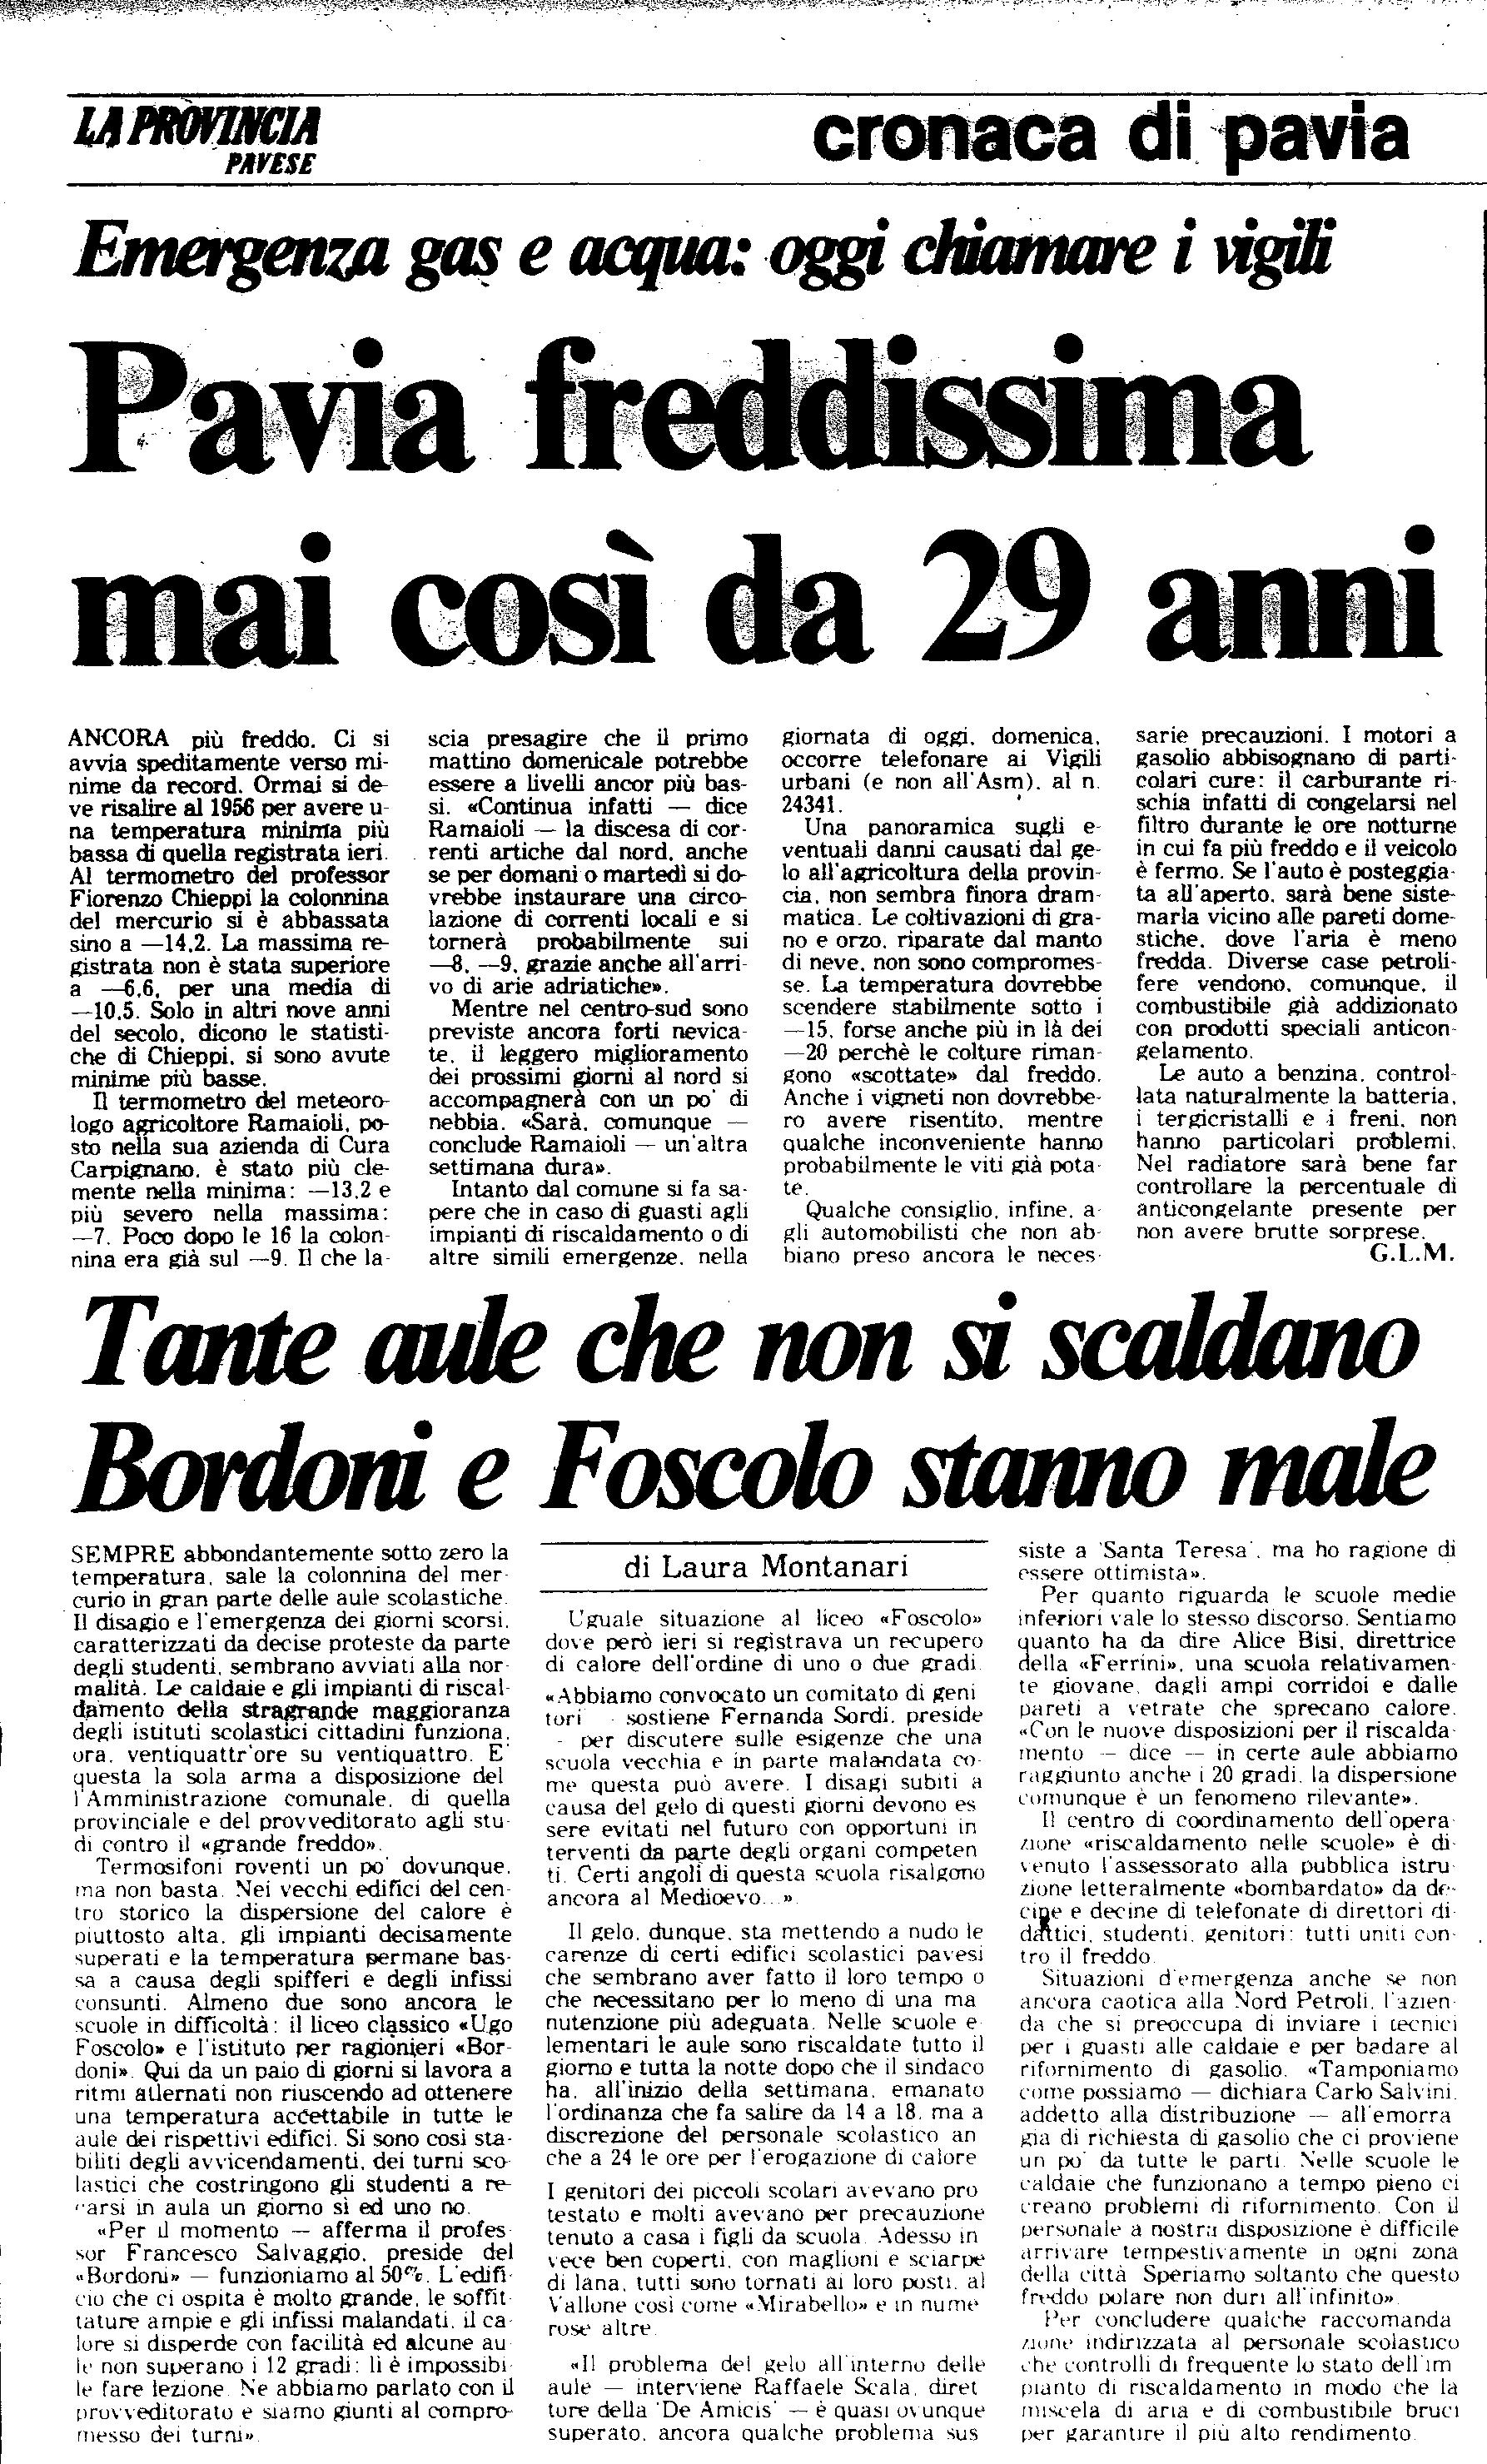 Un articolo del 13 Gennaio 1985 de